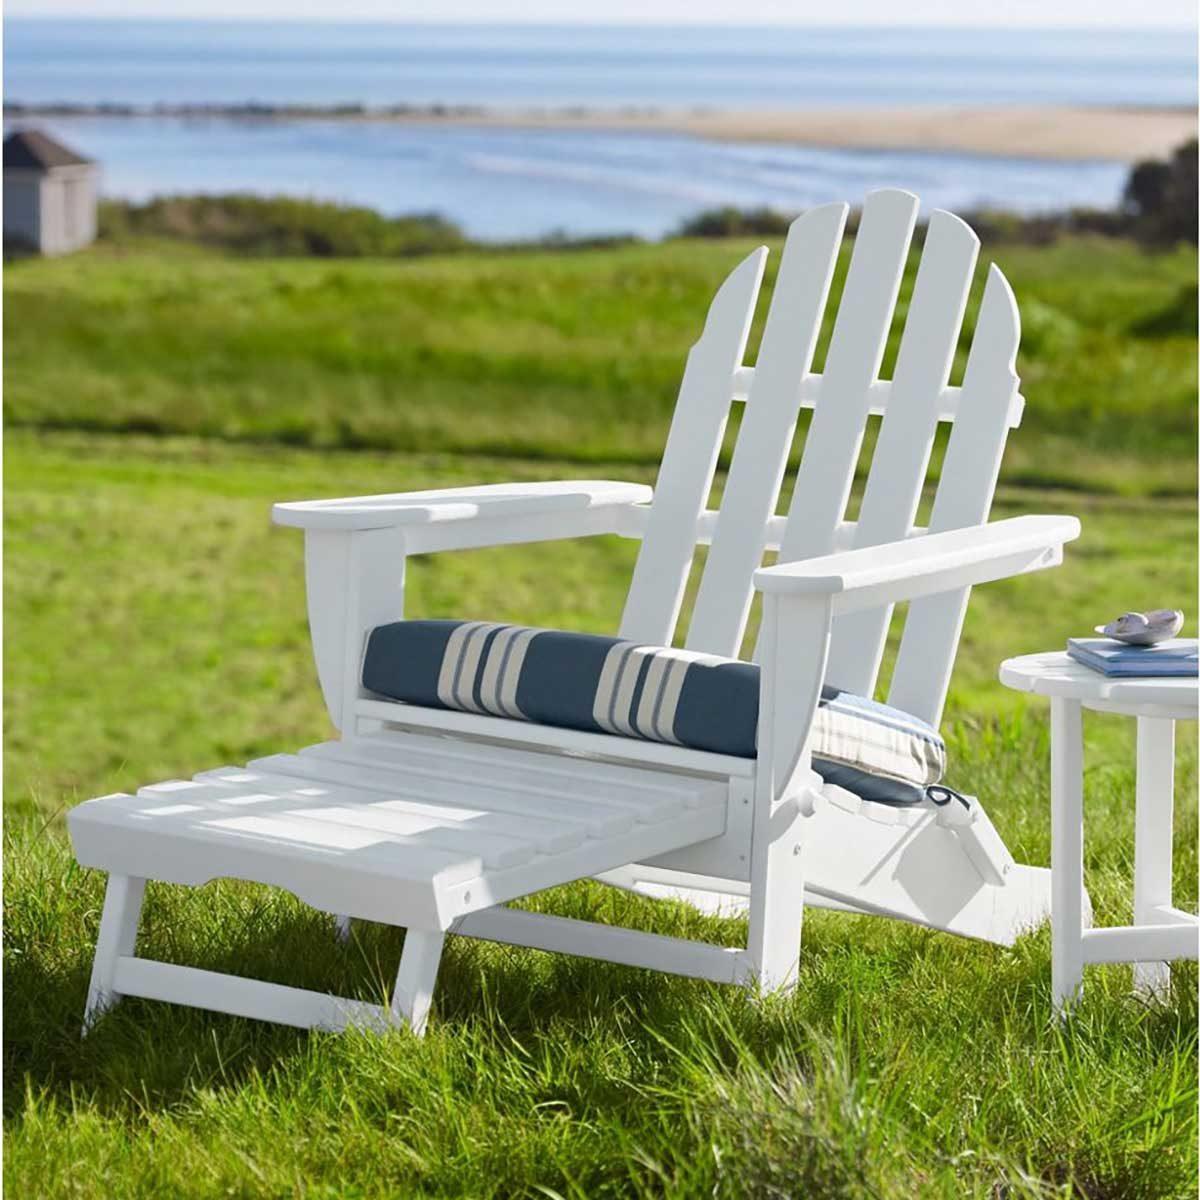 White Adirondack chair